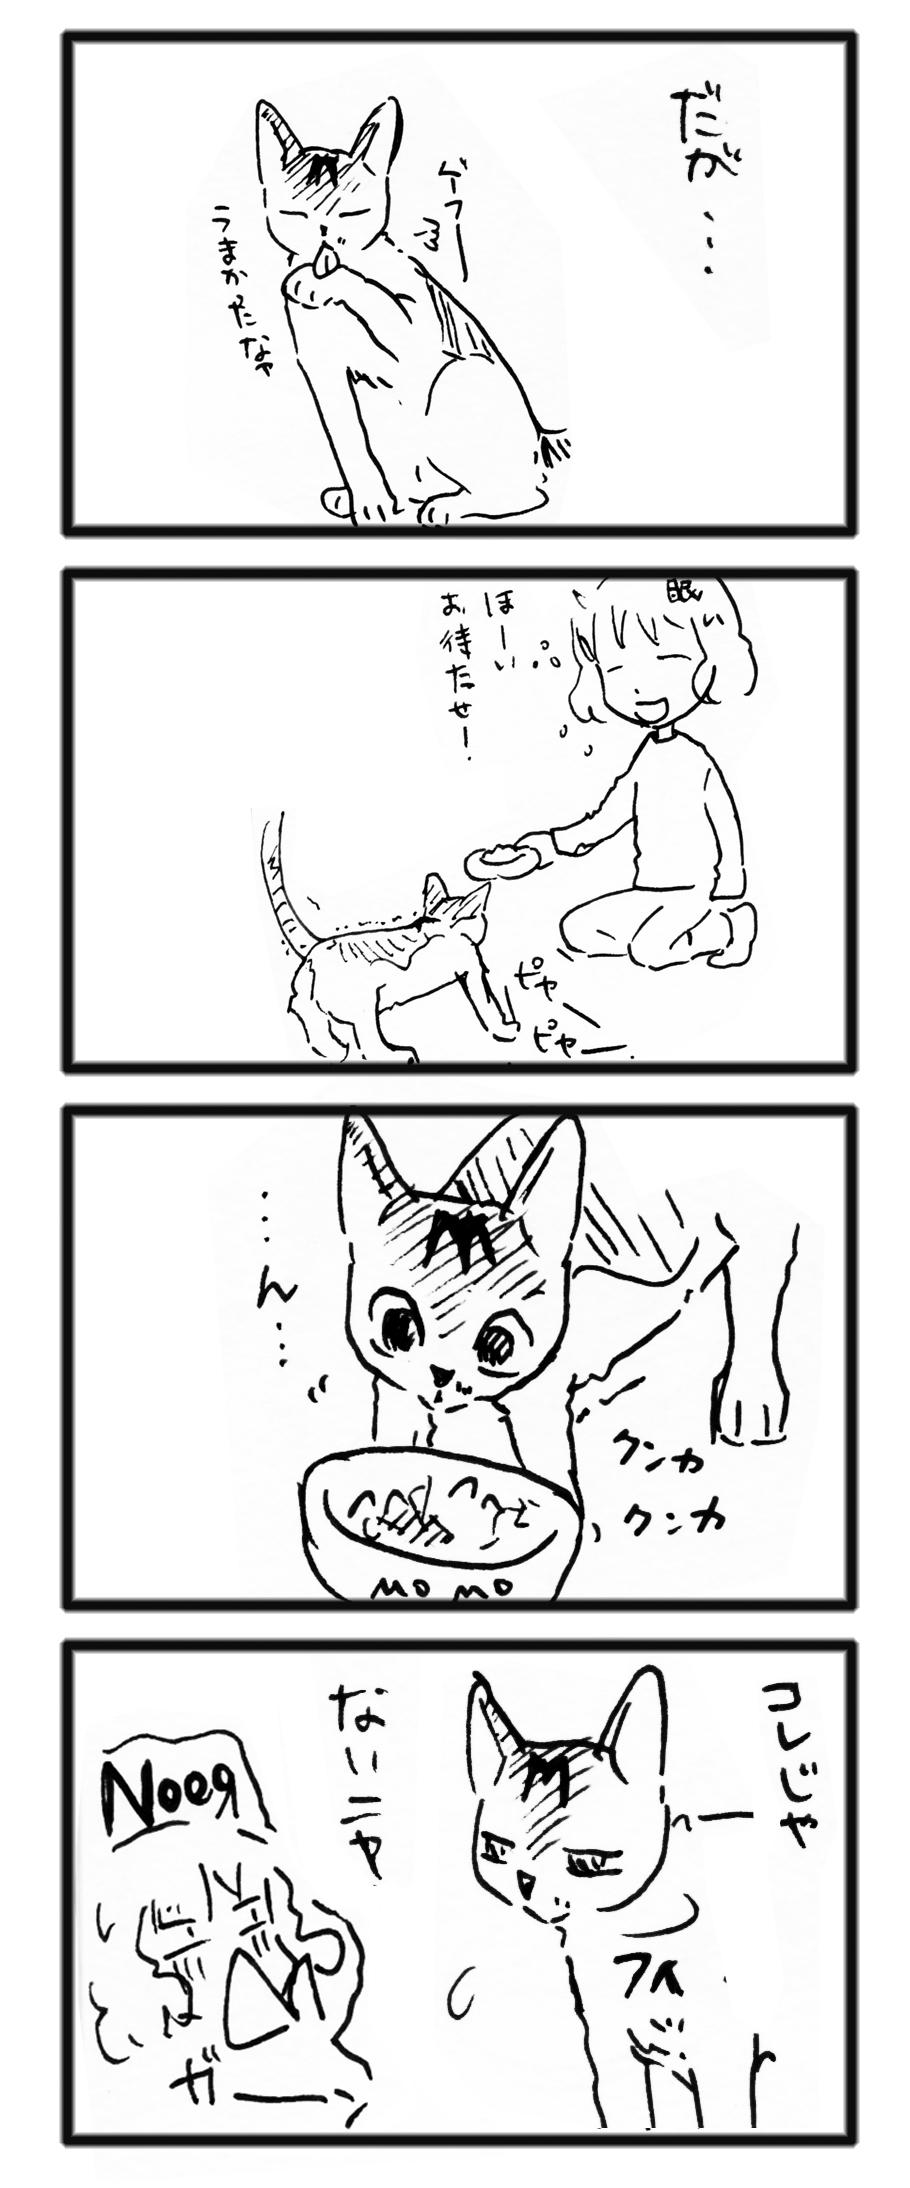 comic_13110402.jpg